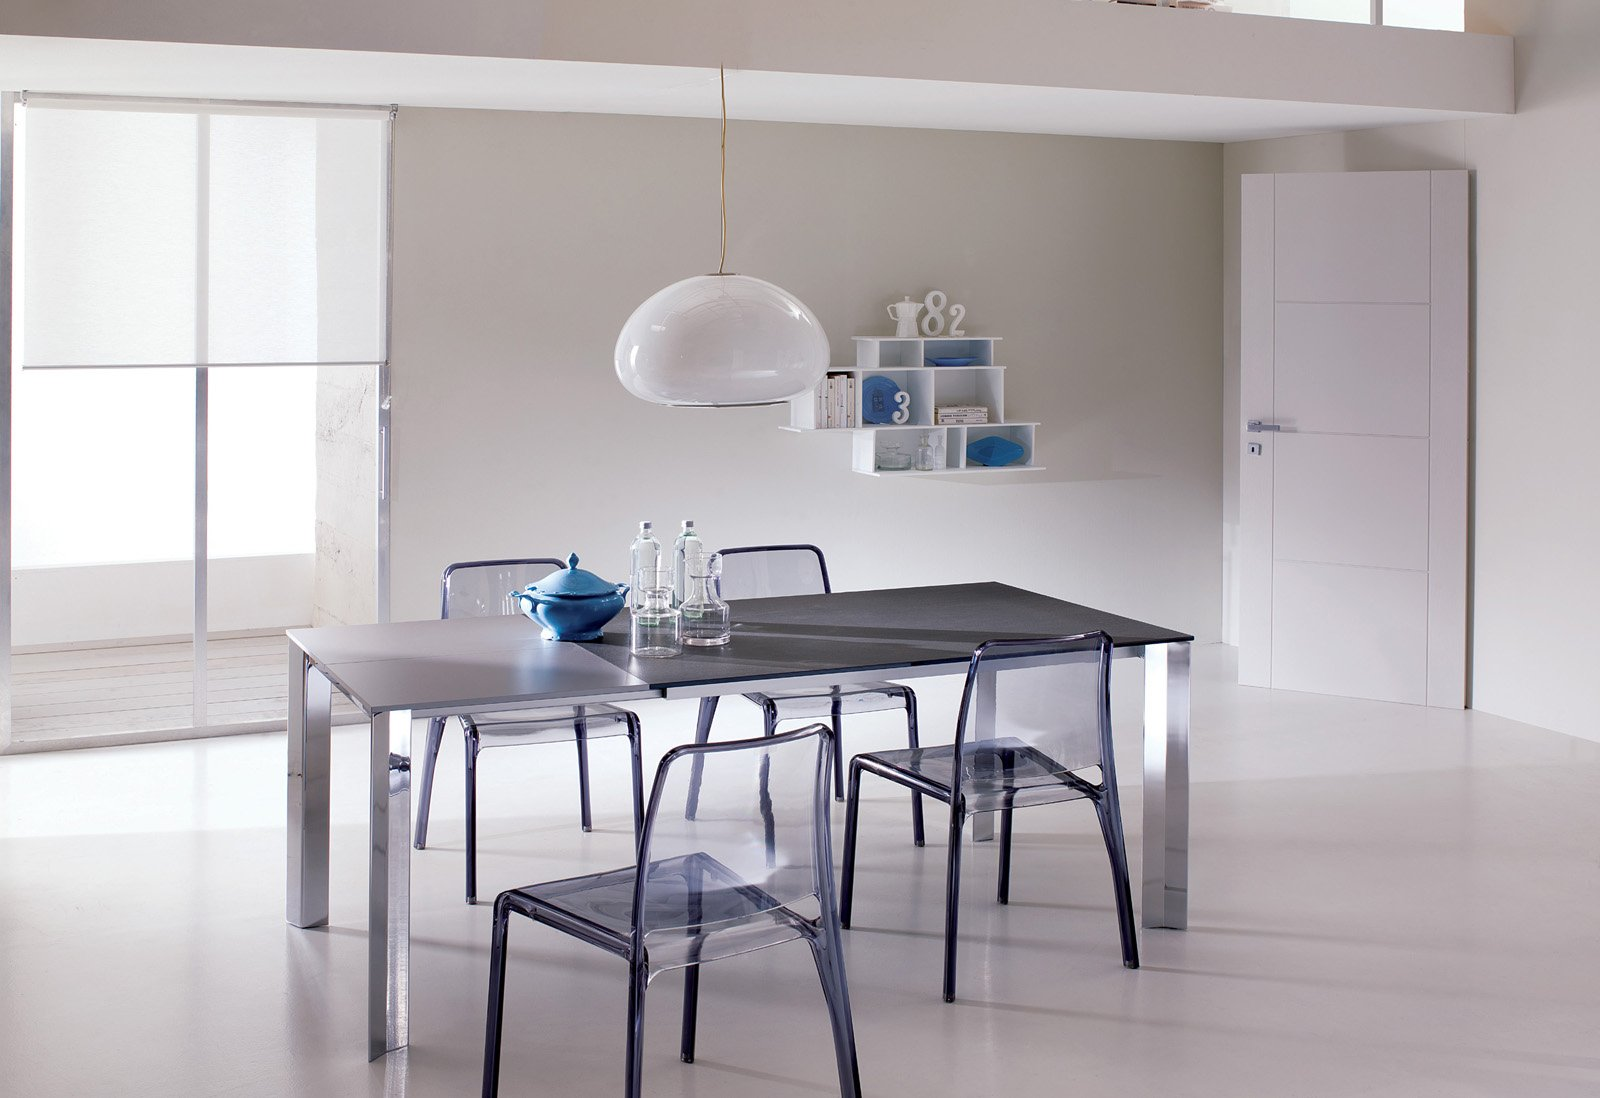 Tavoli e sedie per cucina o soggiorno cose di casa - Sedie per cucina ...